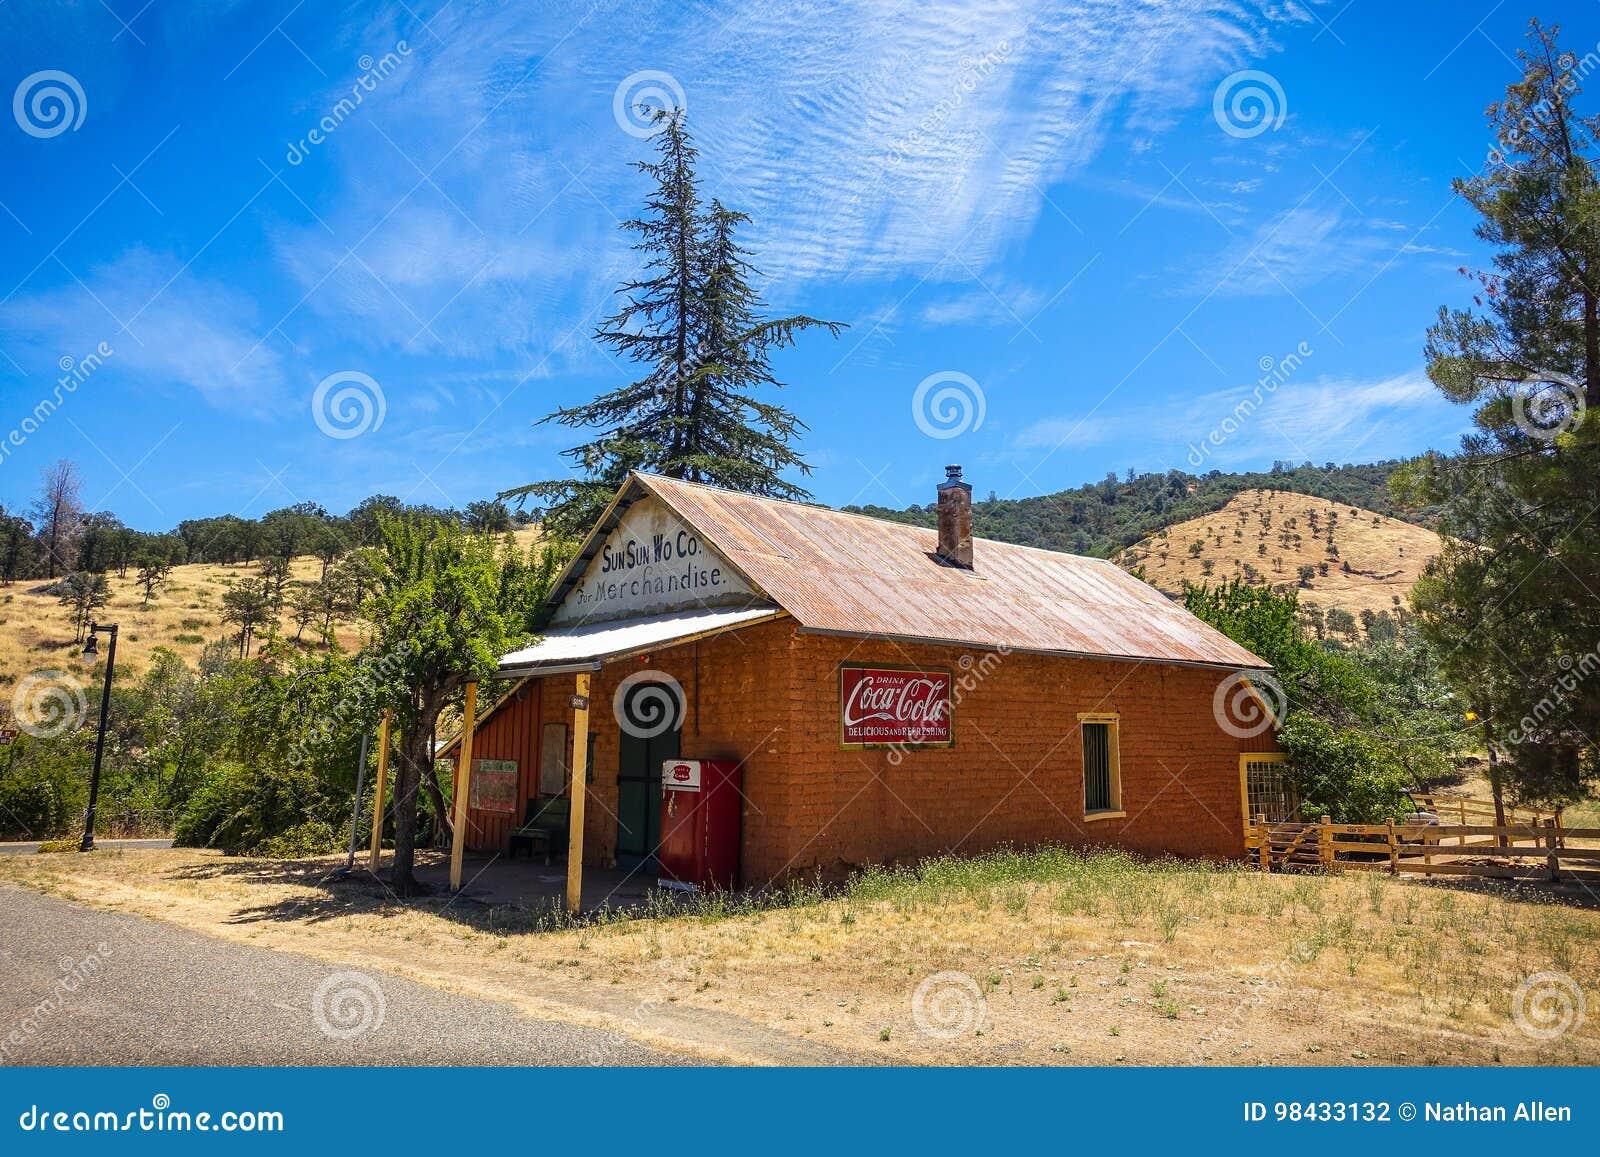 Sun Sun Wo Co Historic Site in Coulterville, California